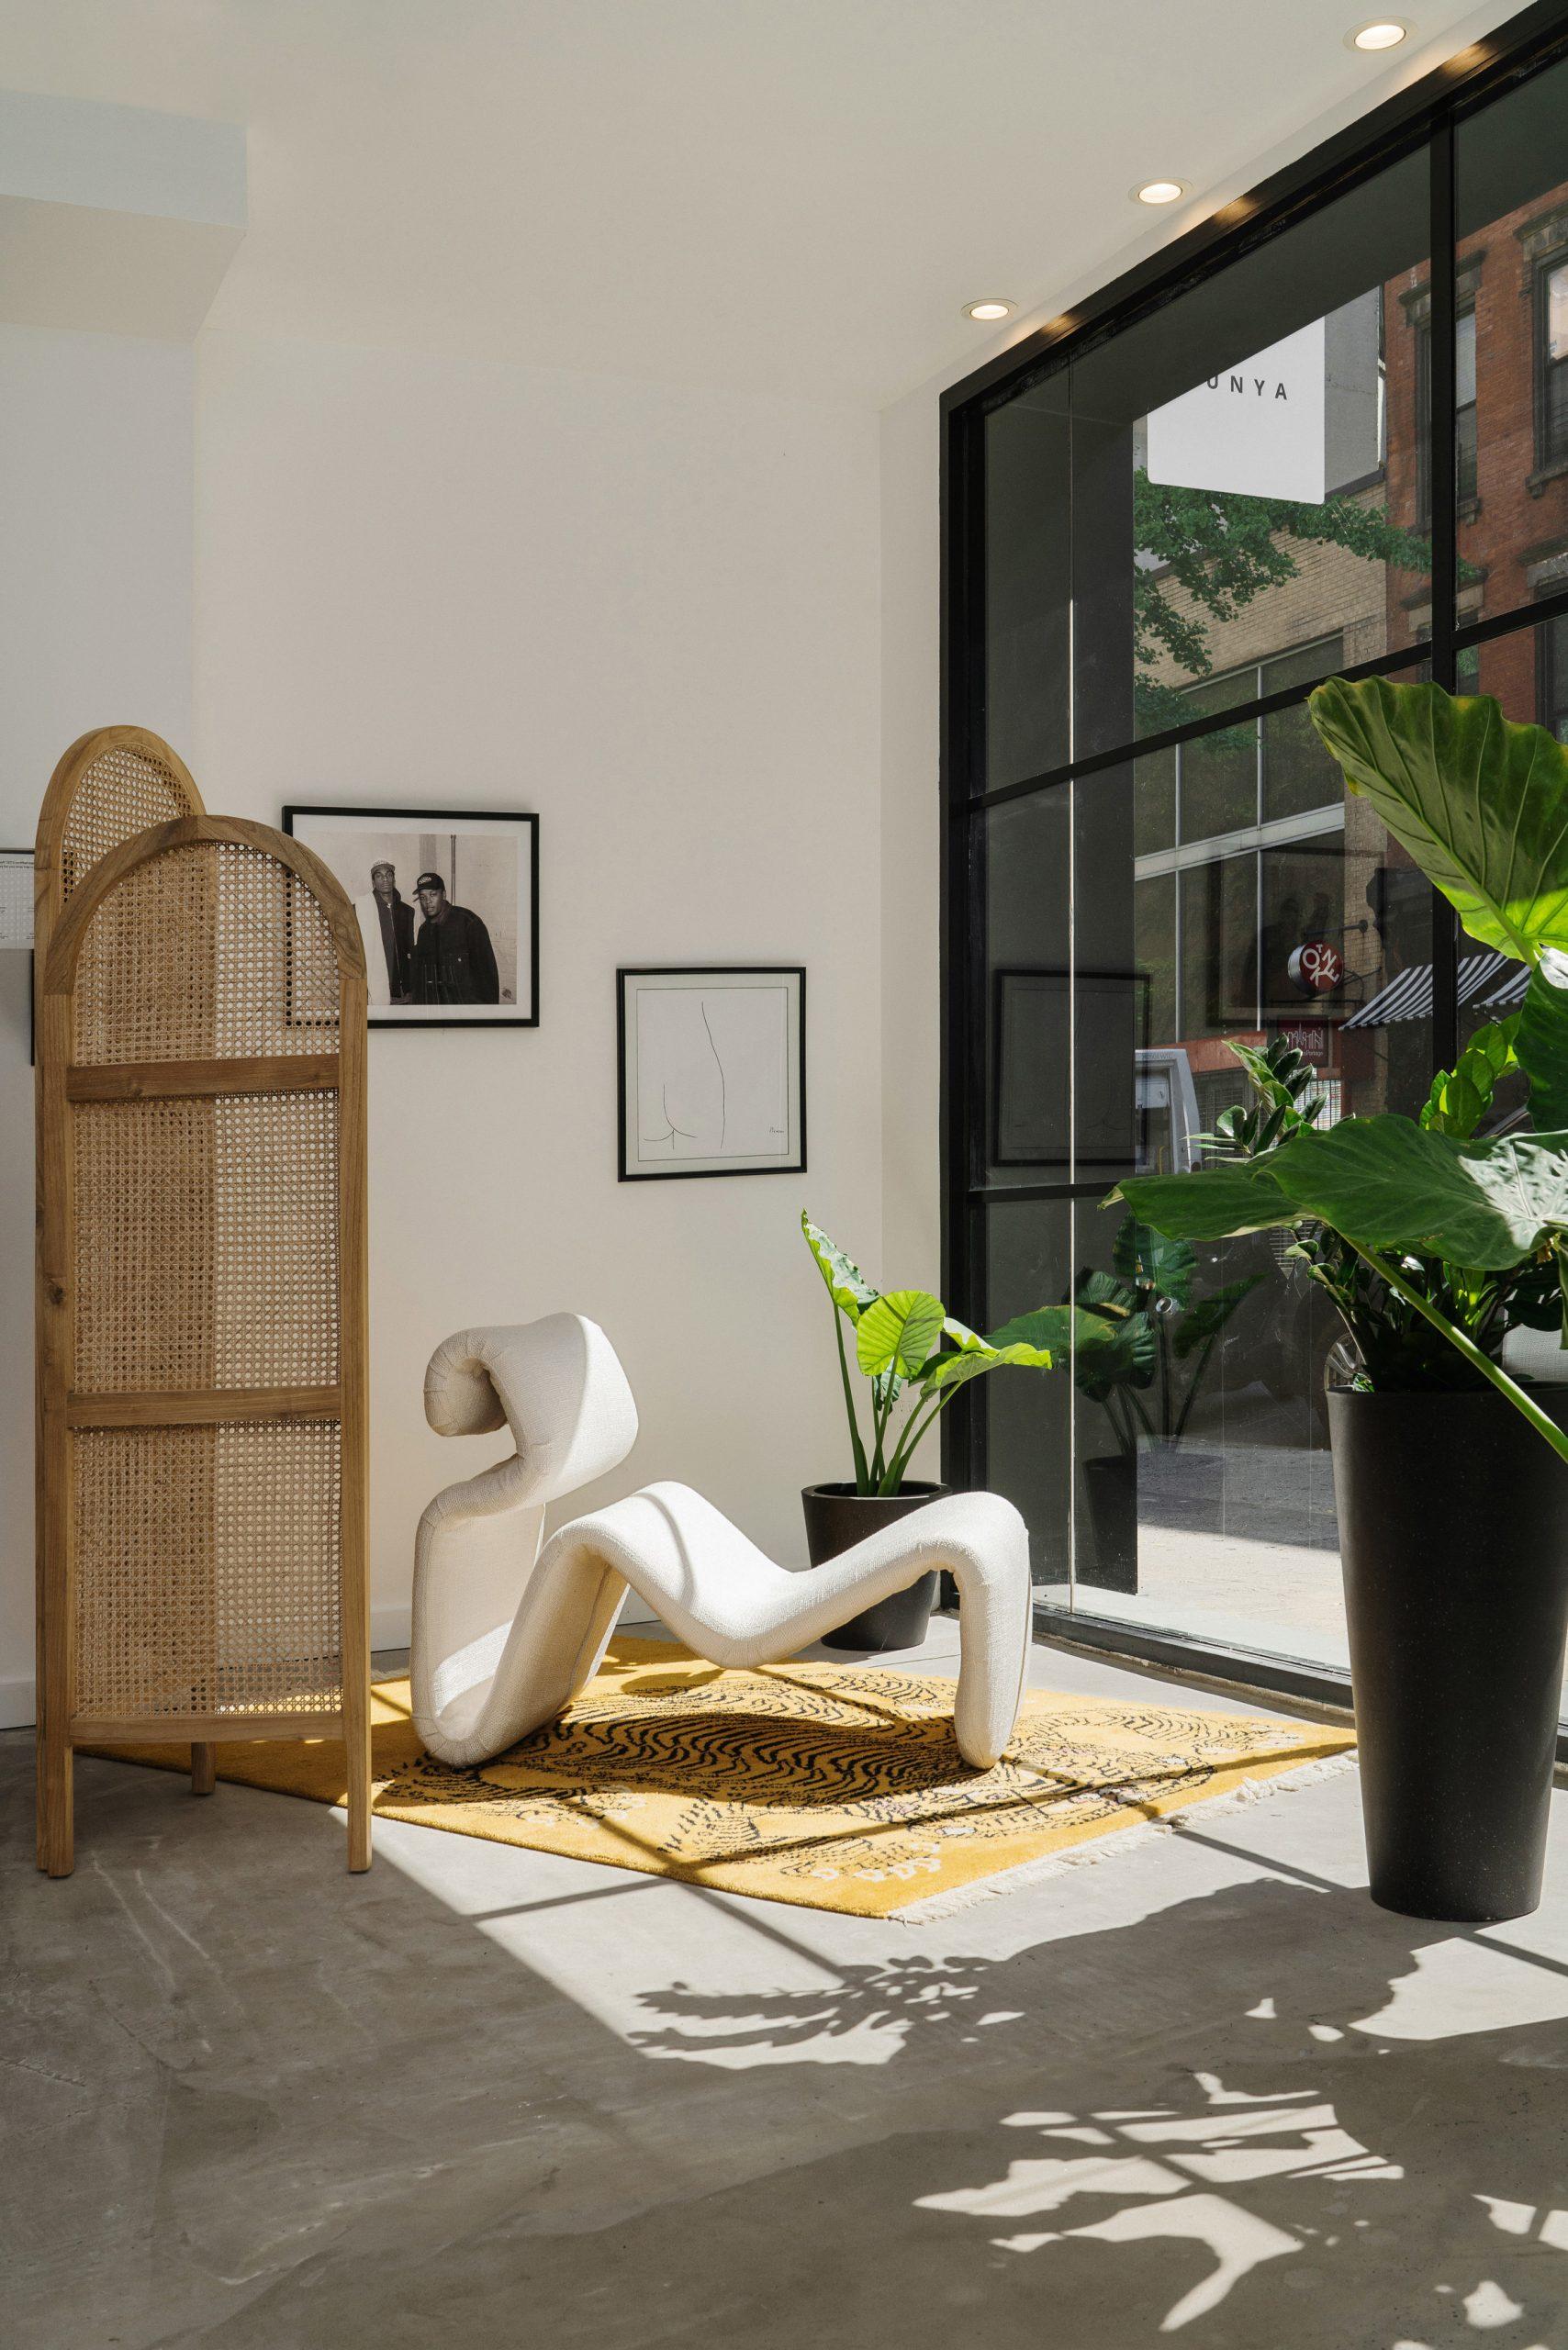 Thiết kế nội thất chung cư hiện đại 10